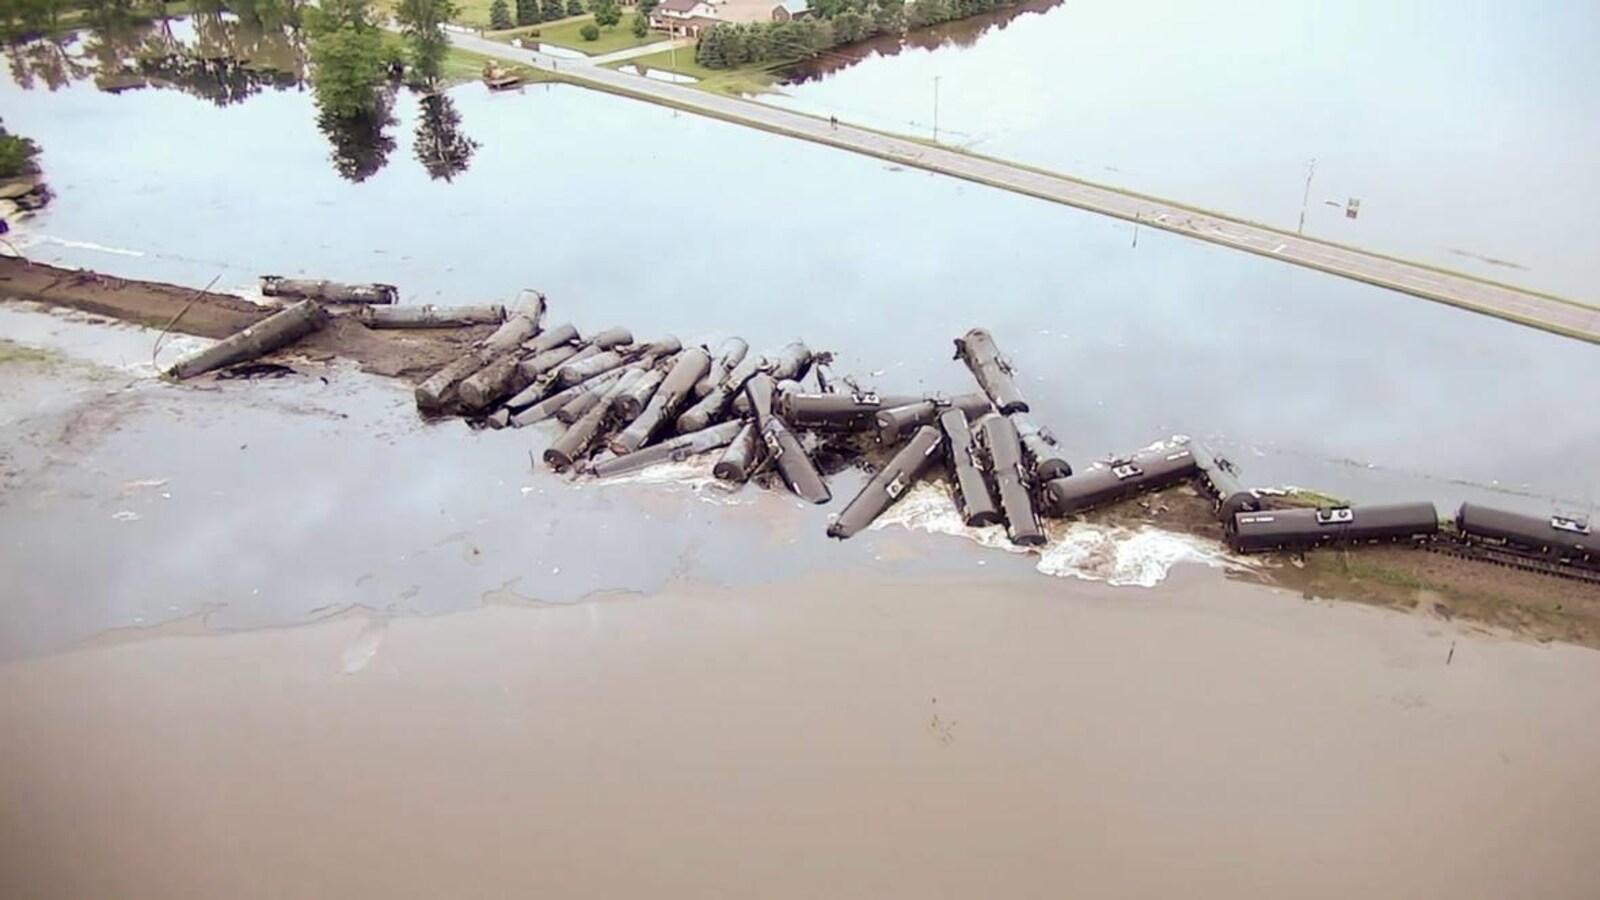 Vue aérienne d'une trentaine de wagons-citernes qui sont empilés sur une voie ferrée inondée.